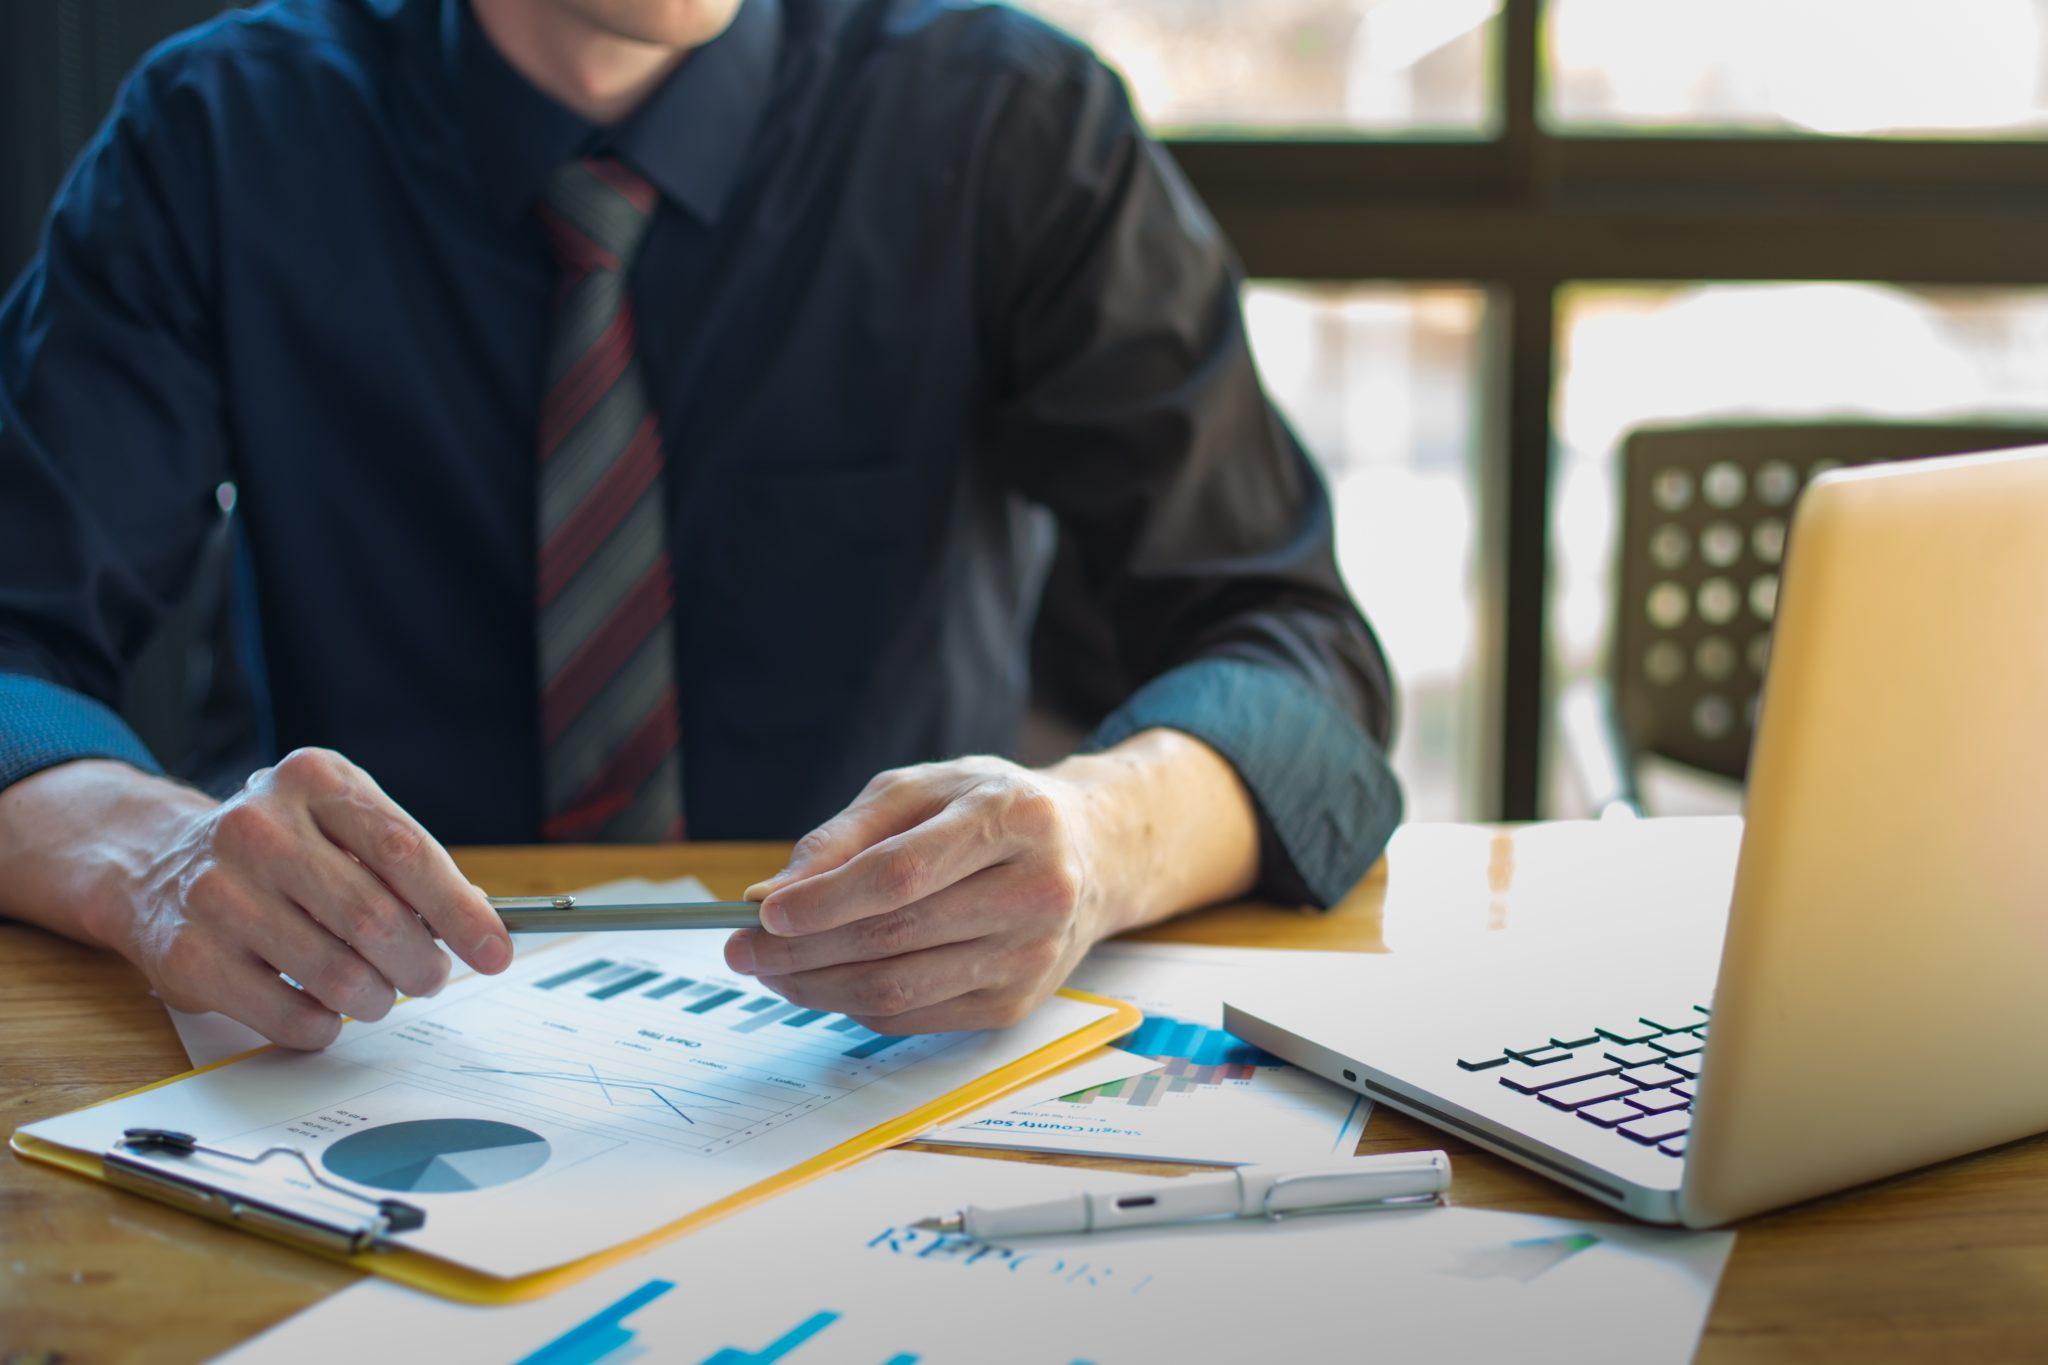 Empreendedor no escritório em meio a papéis e planilhas.